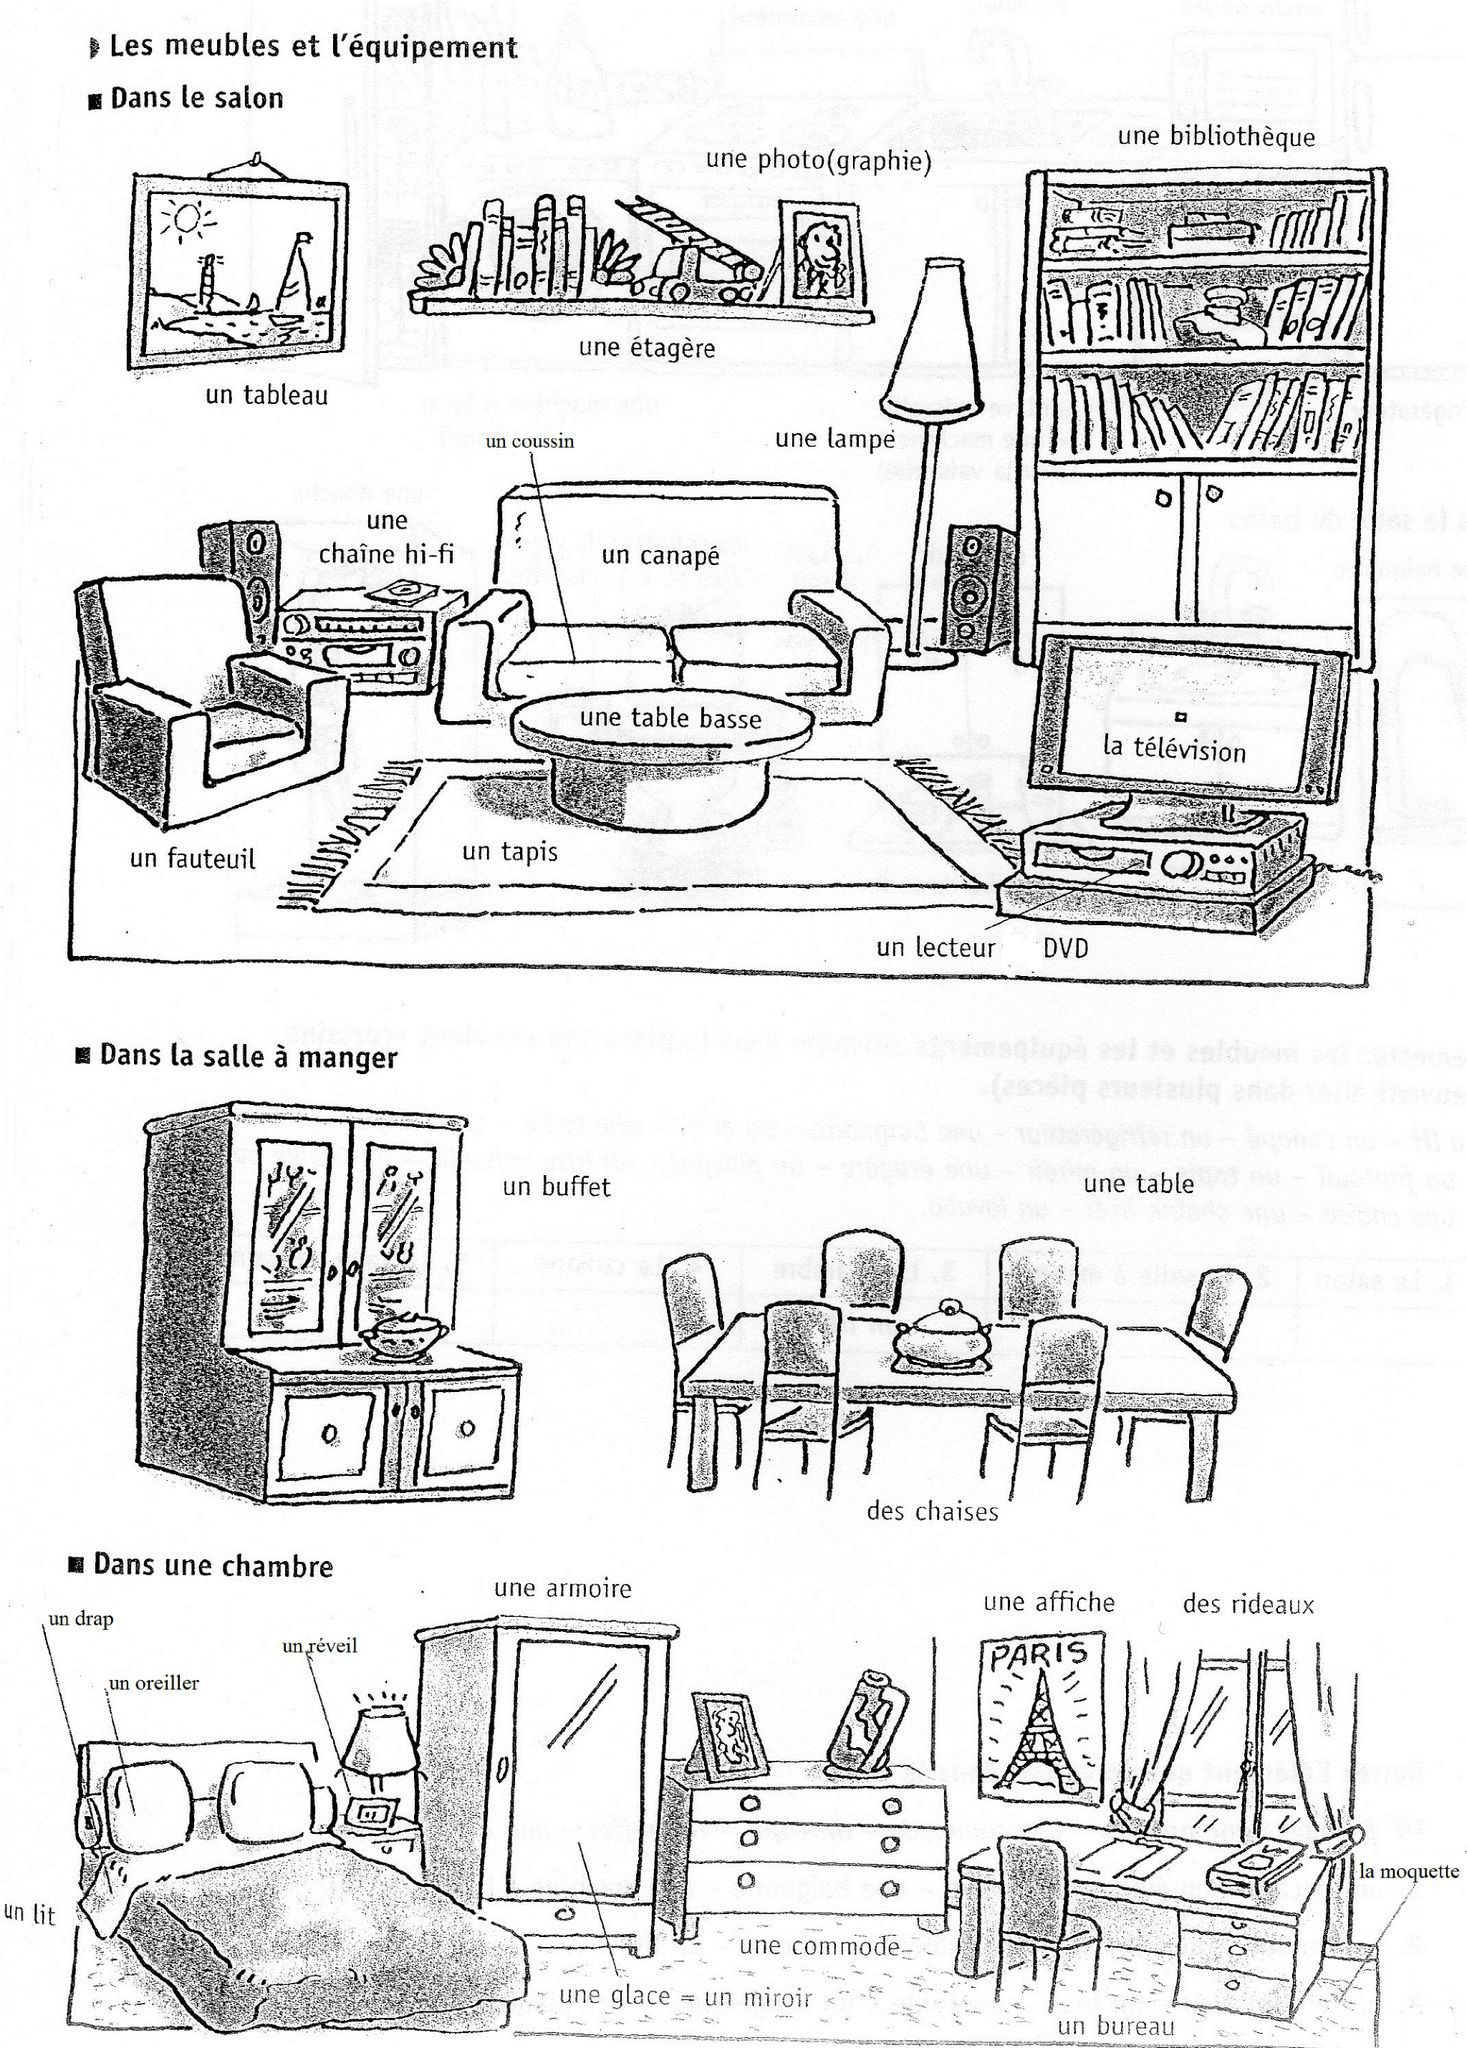 125 vocabulaire de la maison vocabulaire la maison for Anglais vocabulaire maison